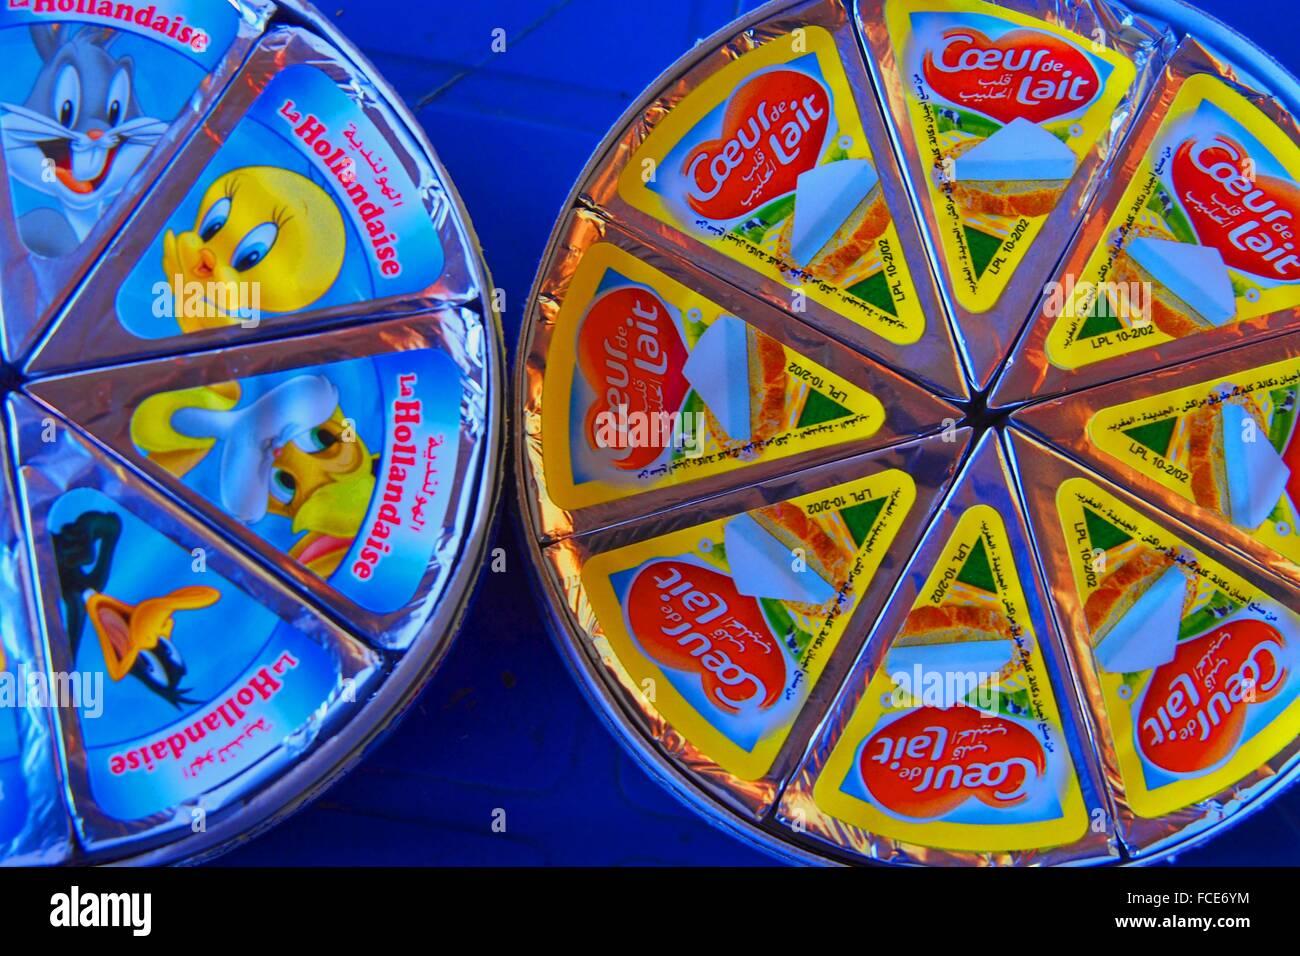 Coeur de lait e La Hollandaise avvolte in fogli di alluminio formaggio morbido porzioni molto popolare in Marocco Immagini Stock